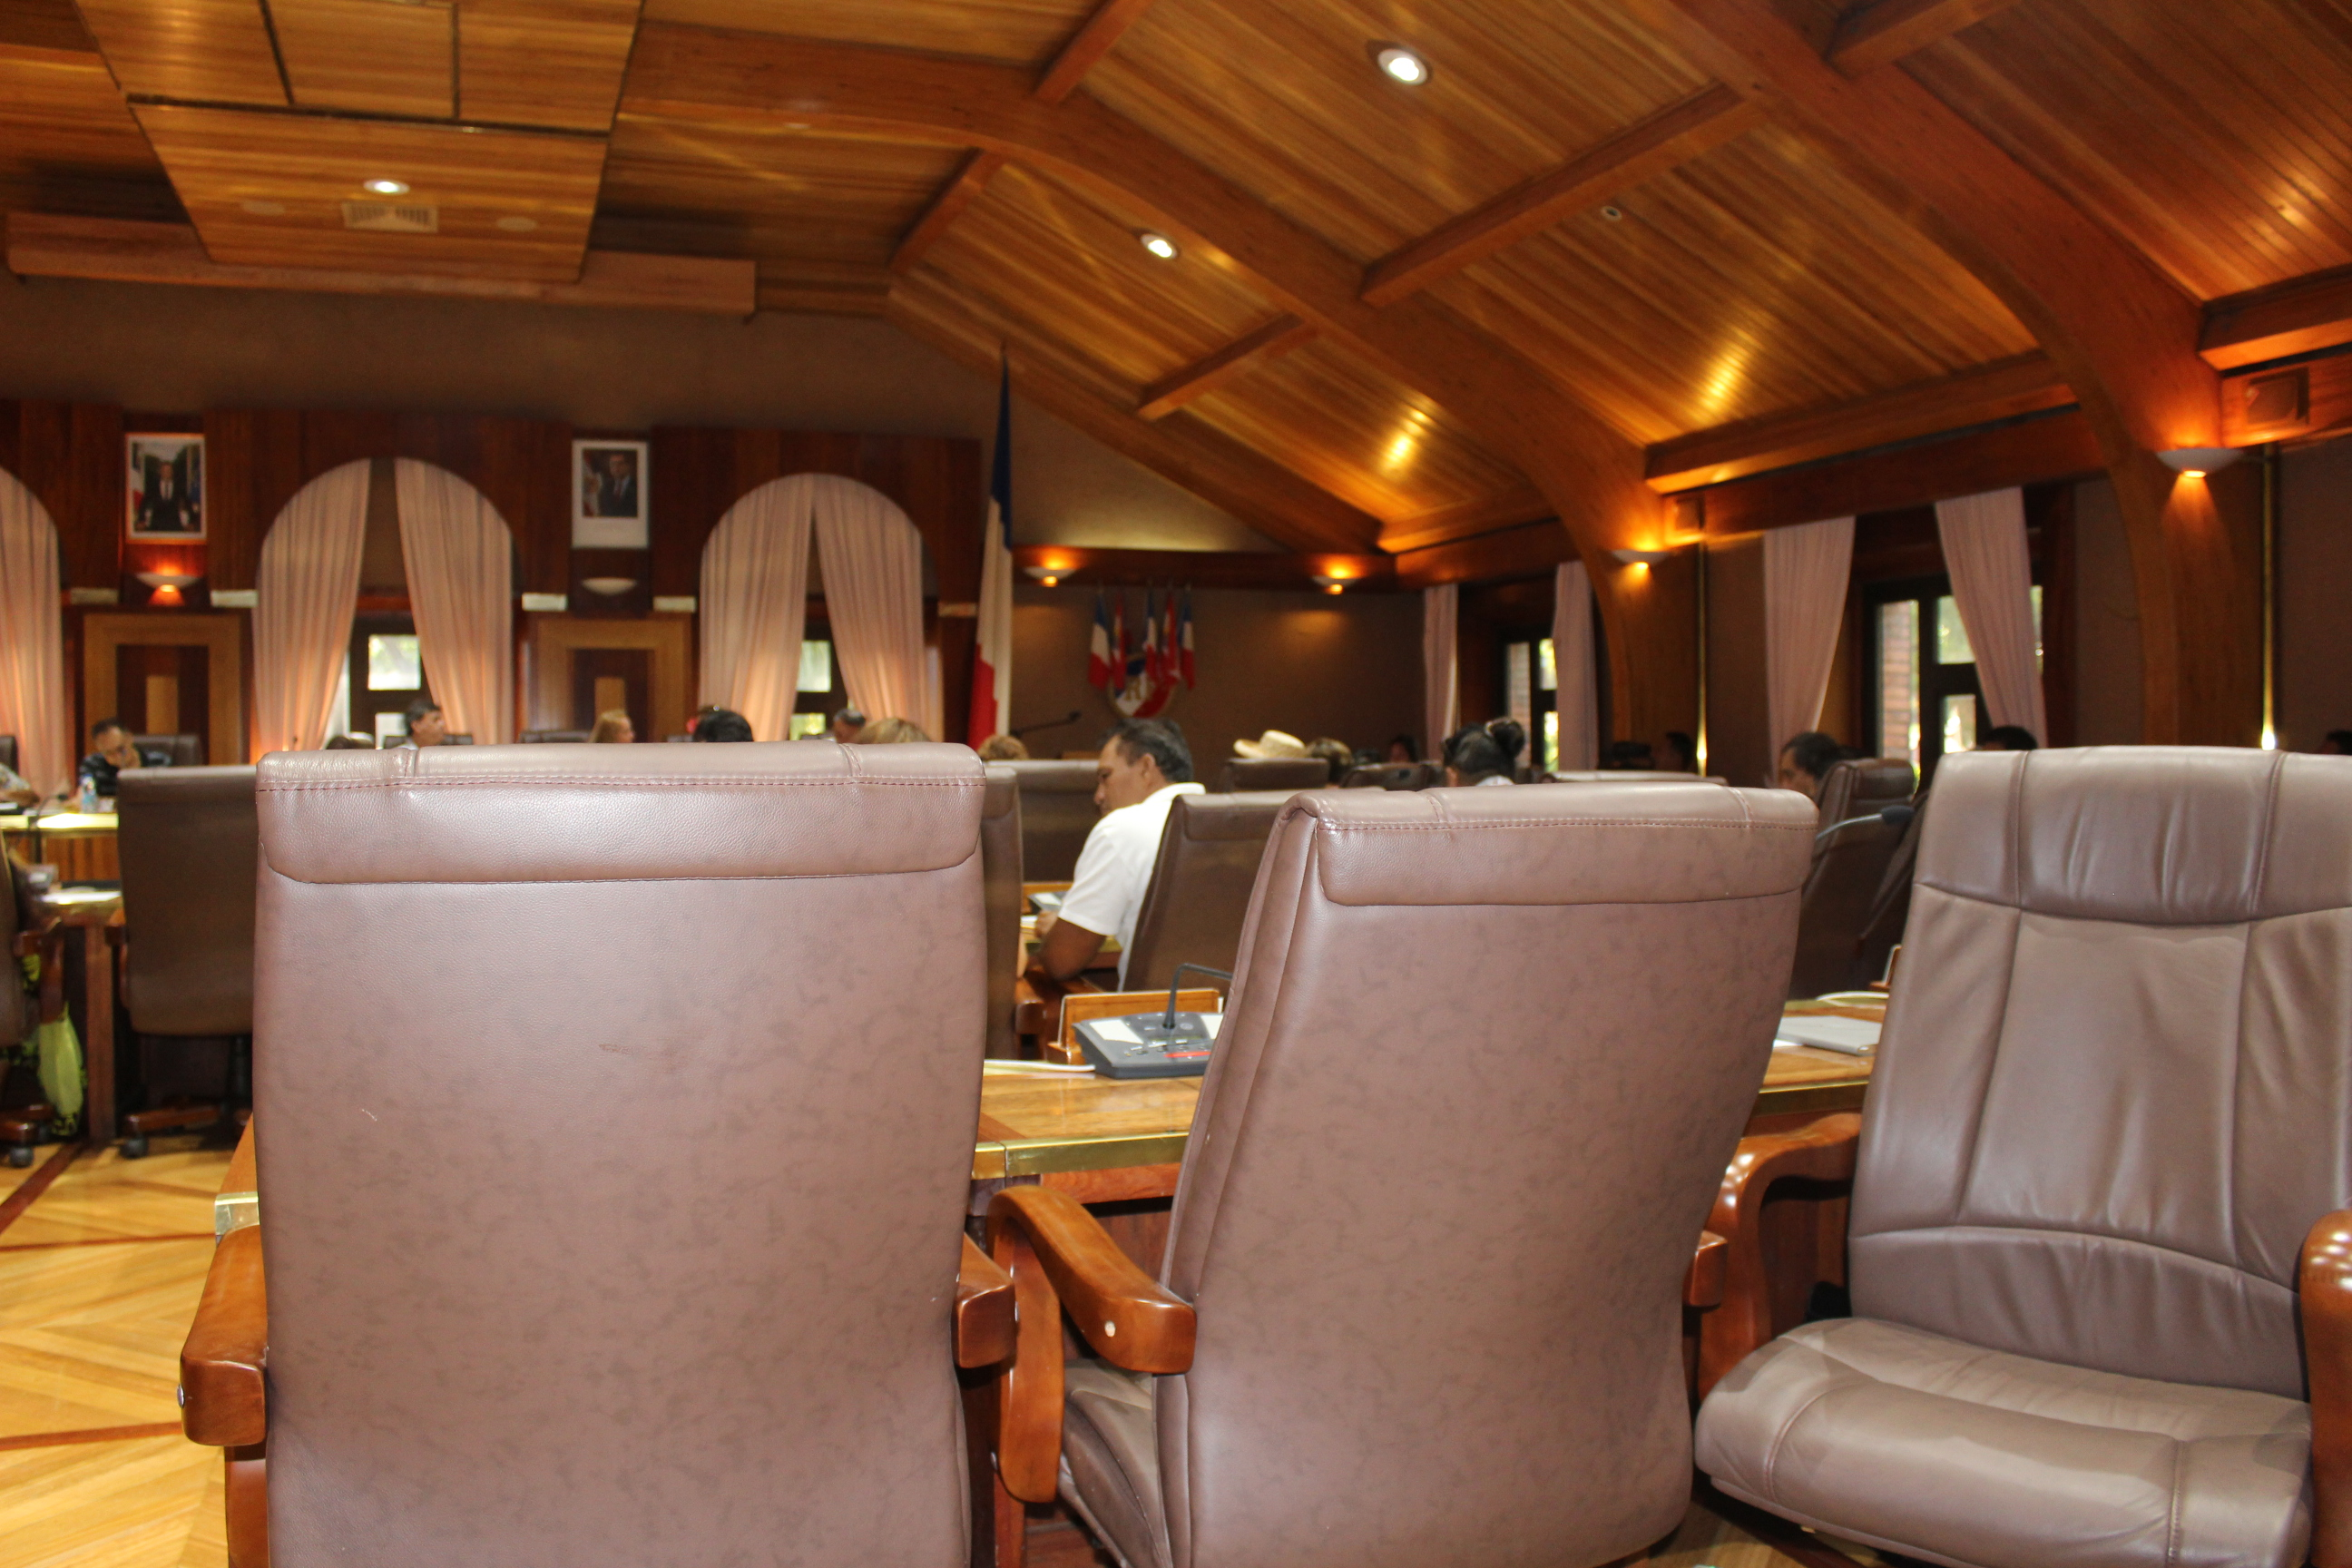 En 2013, l'Assemblée avait déjà modifié la composition et le fonctionnement du CESC.